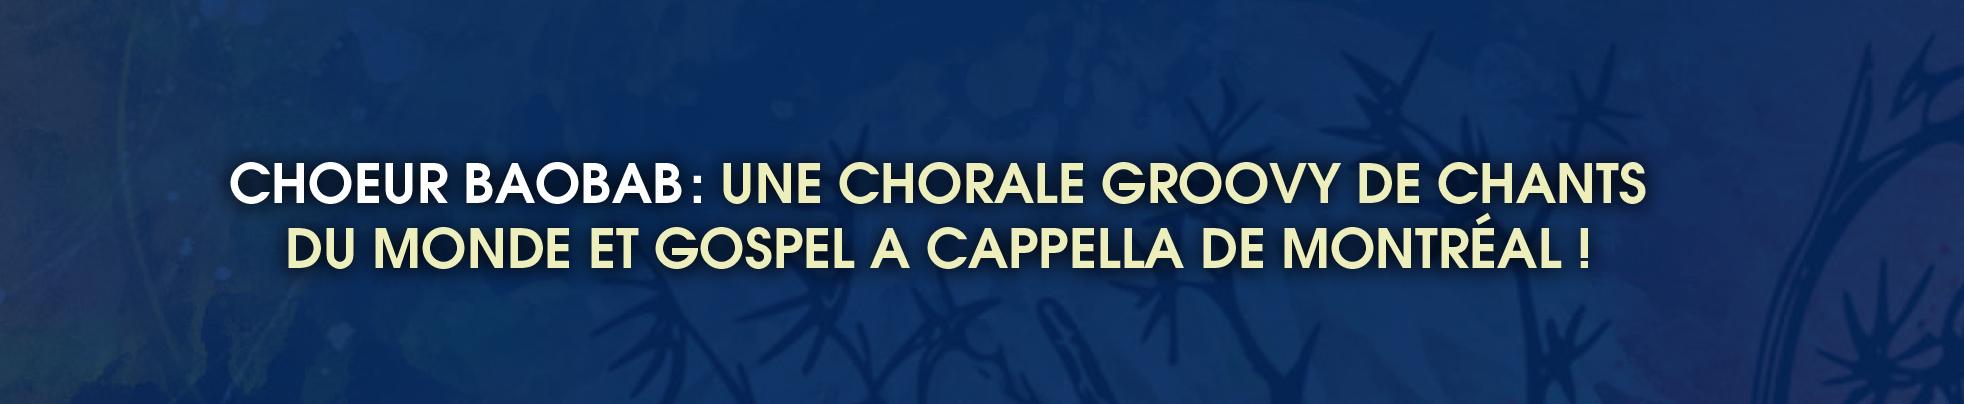 Choeur Baobab : une chorale groovy de chants du monde et gospel a cappella de Montréal !